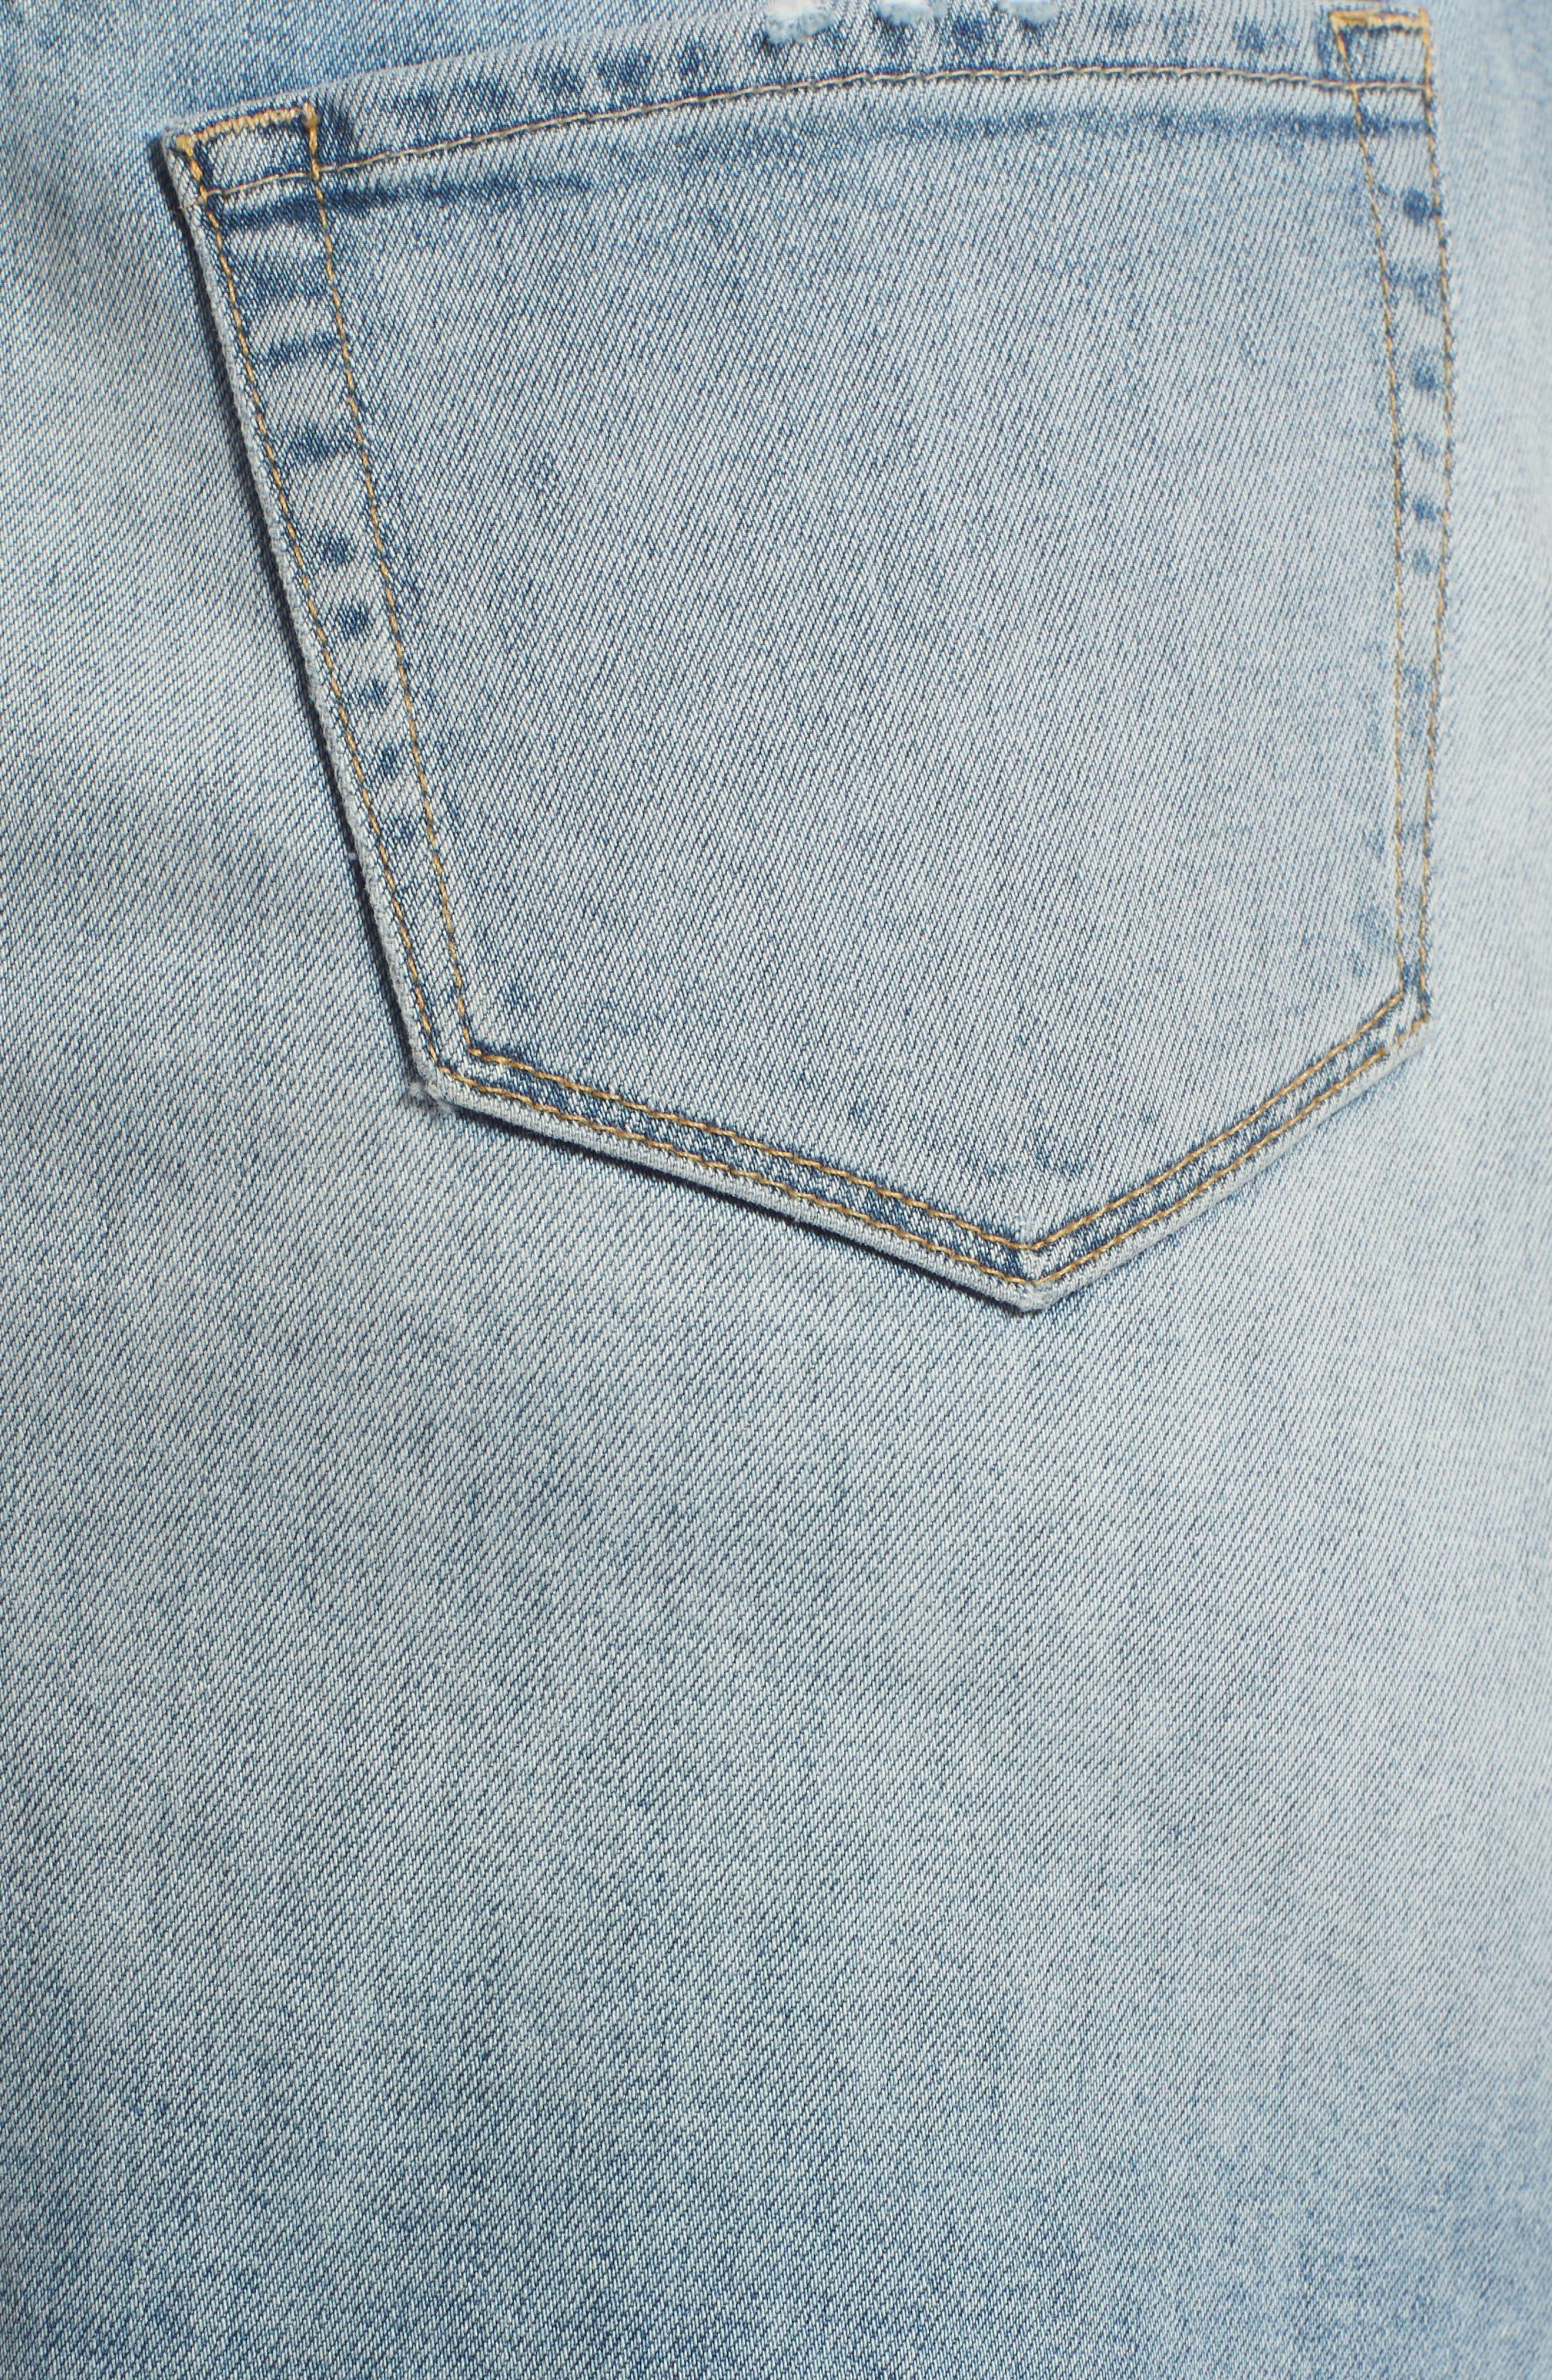 Denim Miniskirt,                             Alternate thumbnail 6, color,                             450